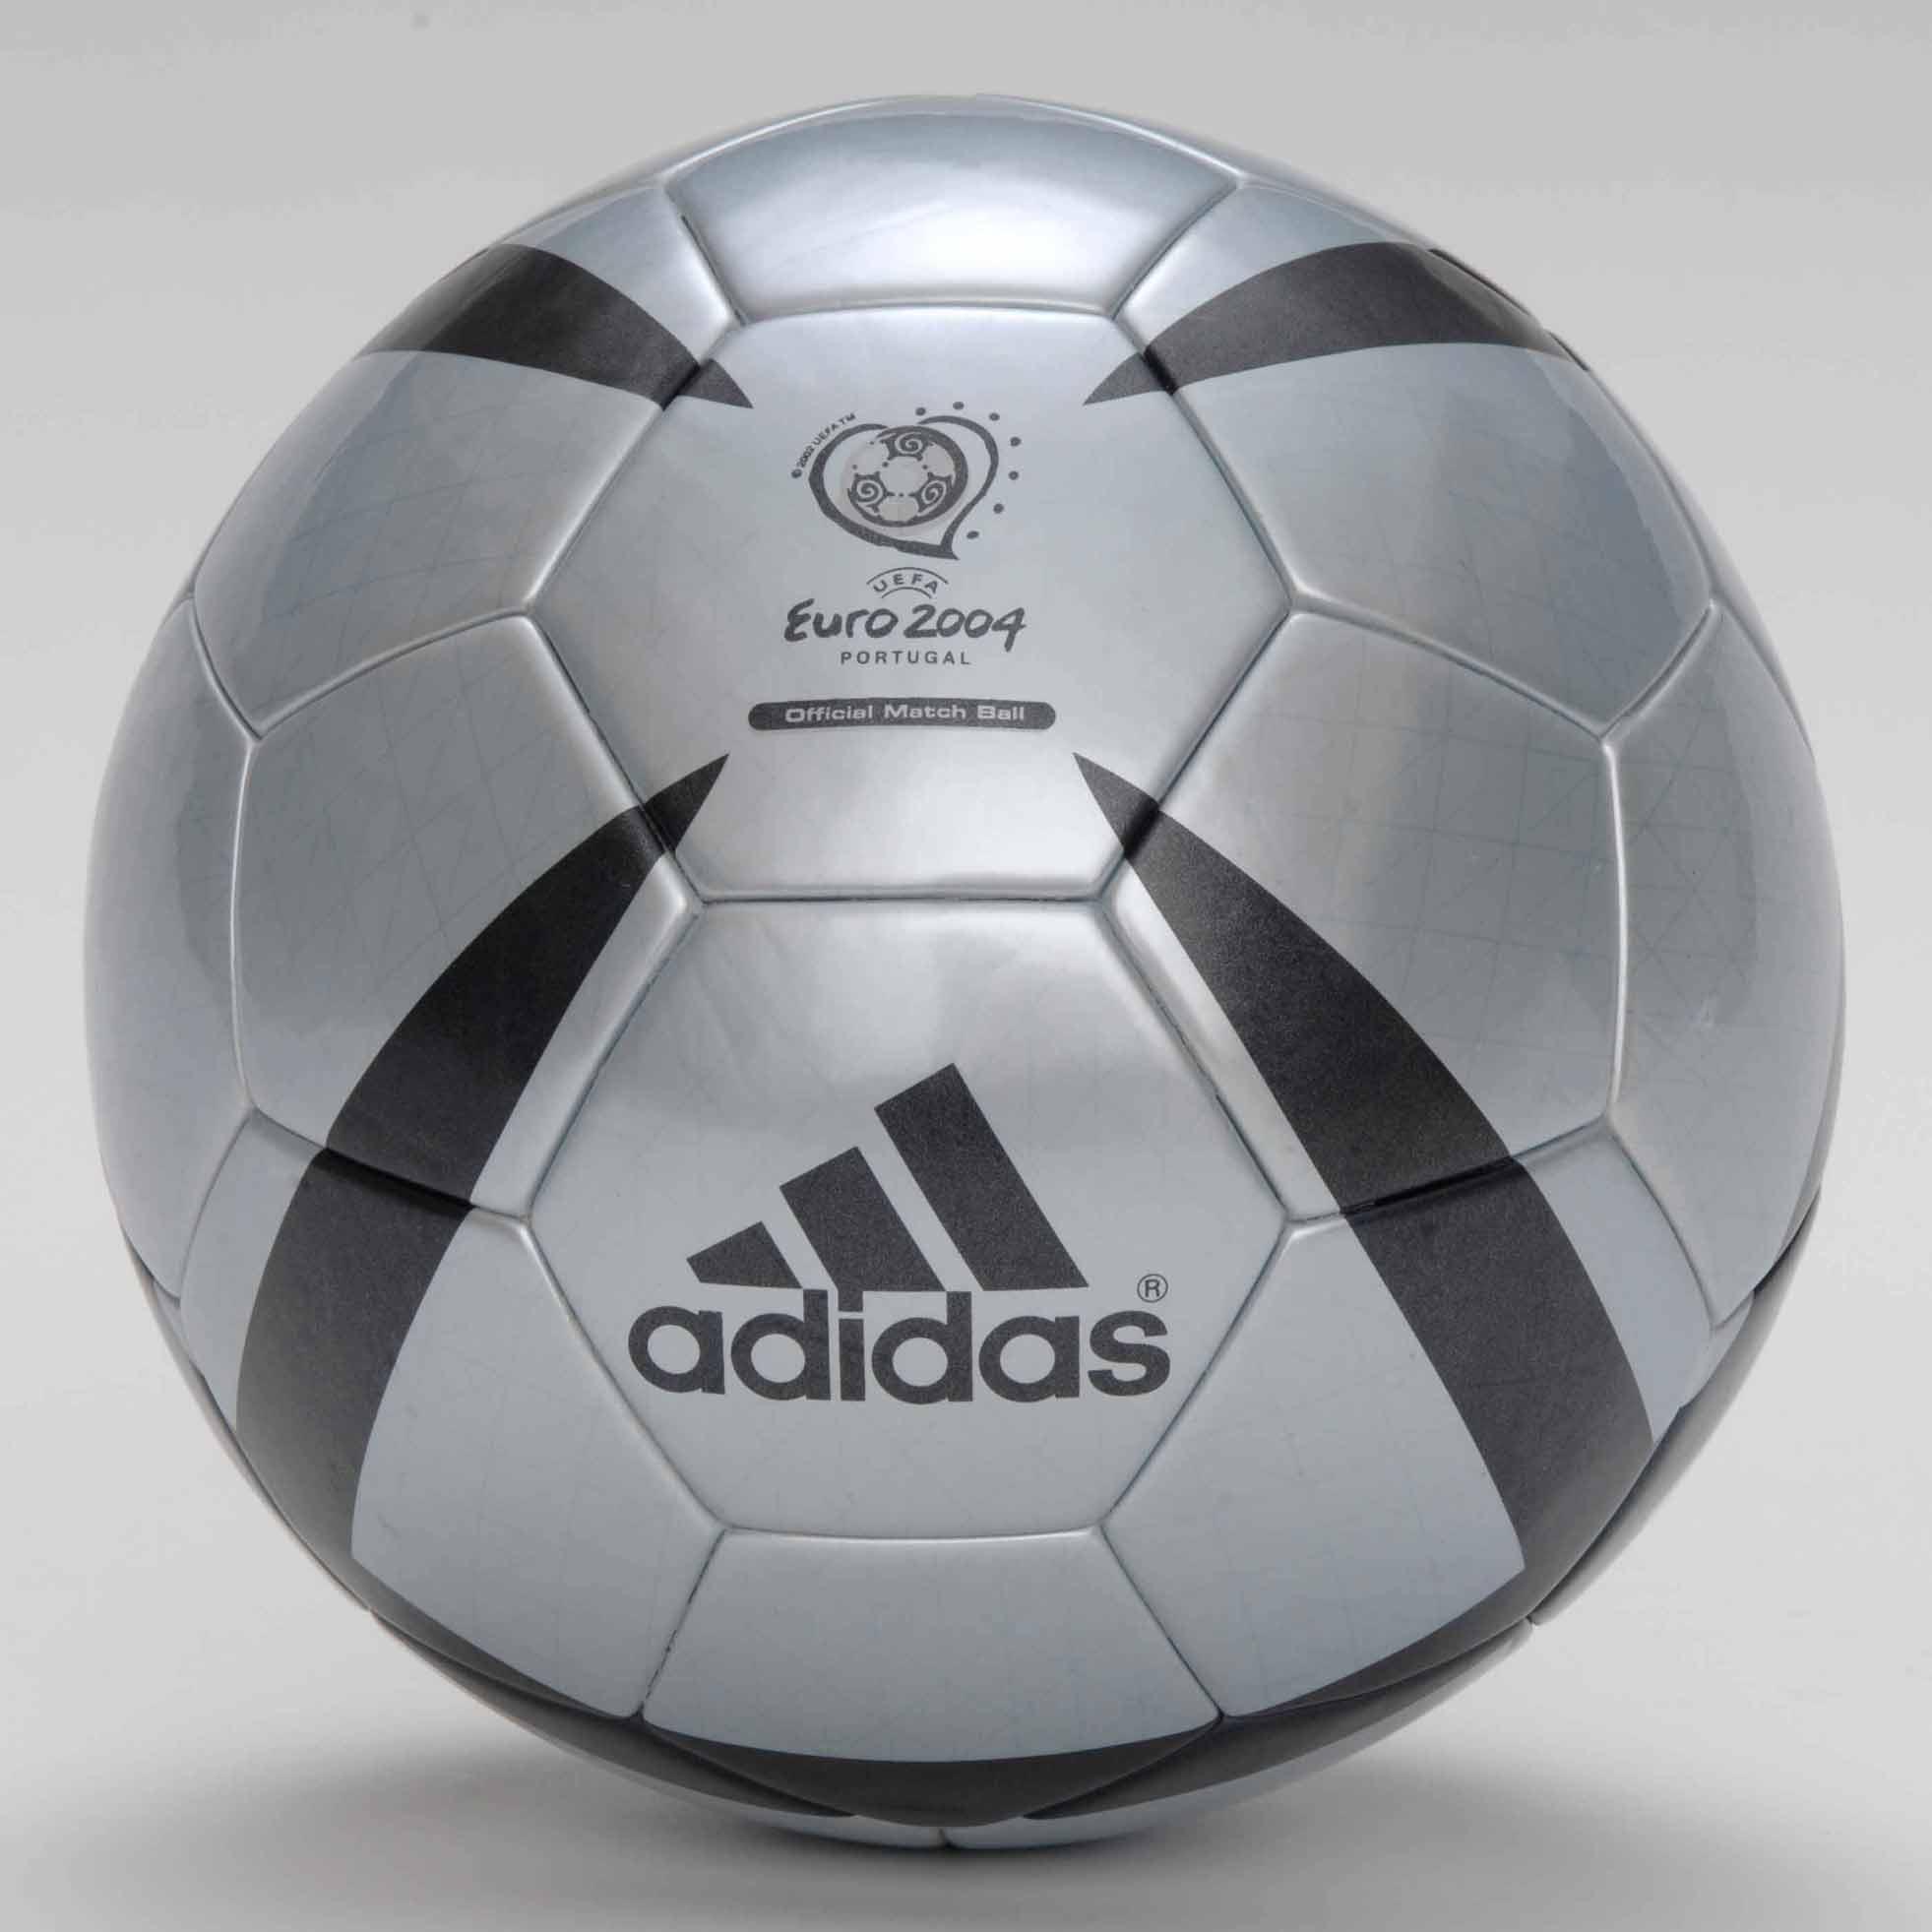 Официальным мячом финала Кубка УЕФА 2004 года стал мяч Roteiro